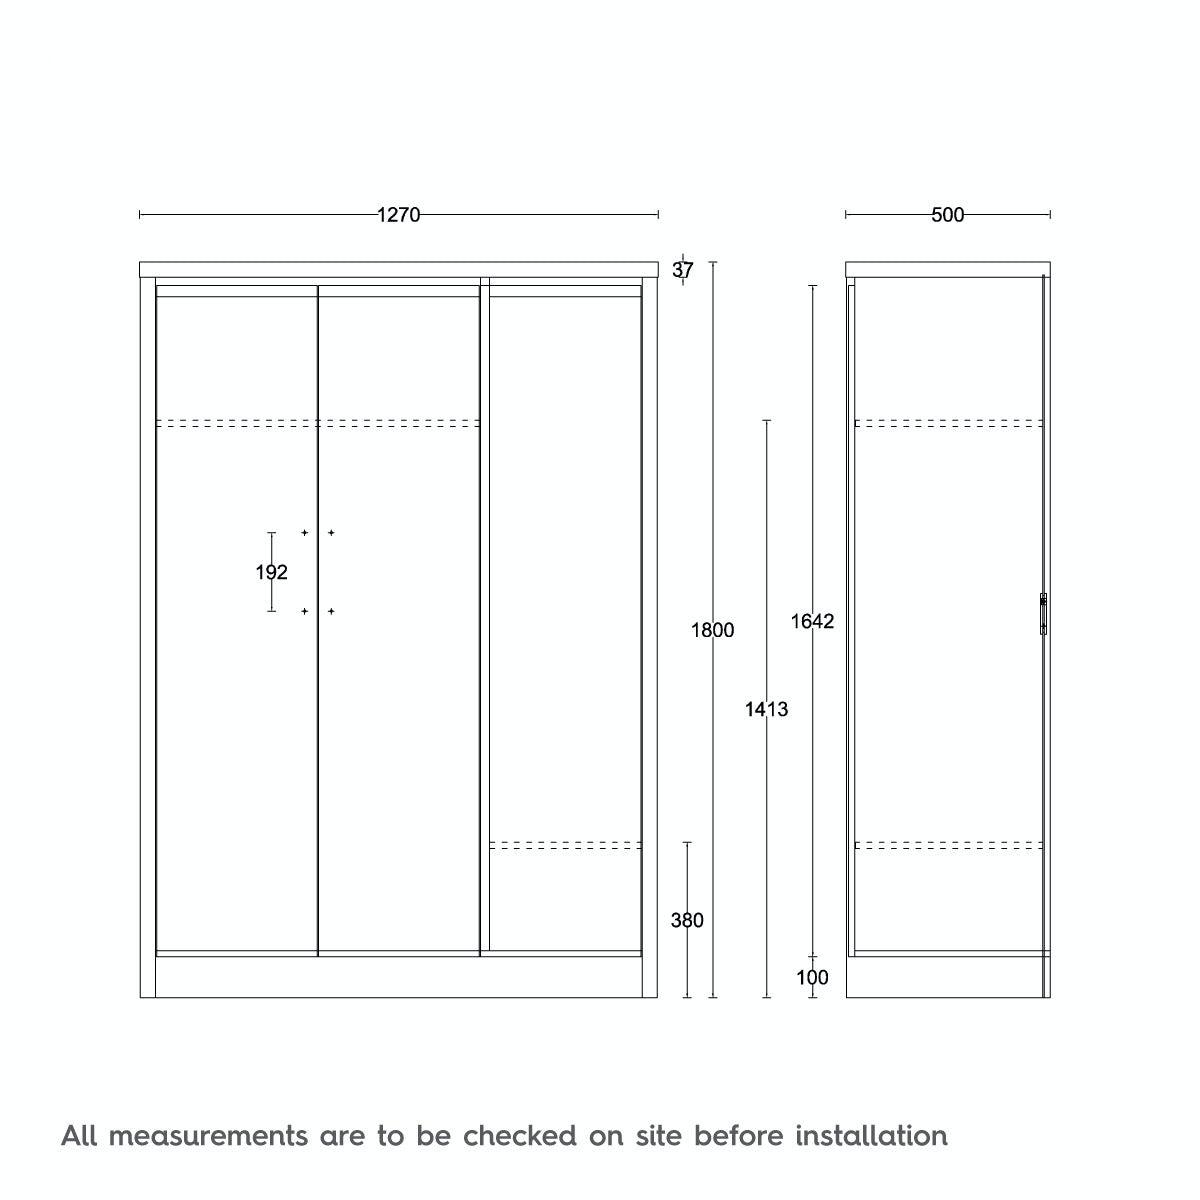 Mfi Oak Doors Tuscany 5 Piece Shaker Replacement Kitchen Door .  sc 1 st  m4y.us & Mfi Kitchen Cupboard Doors ~ m4y.us